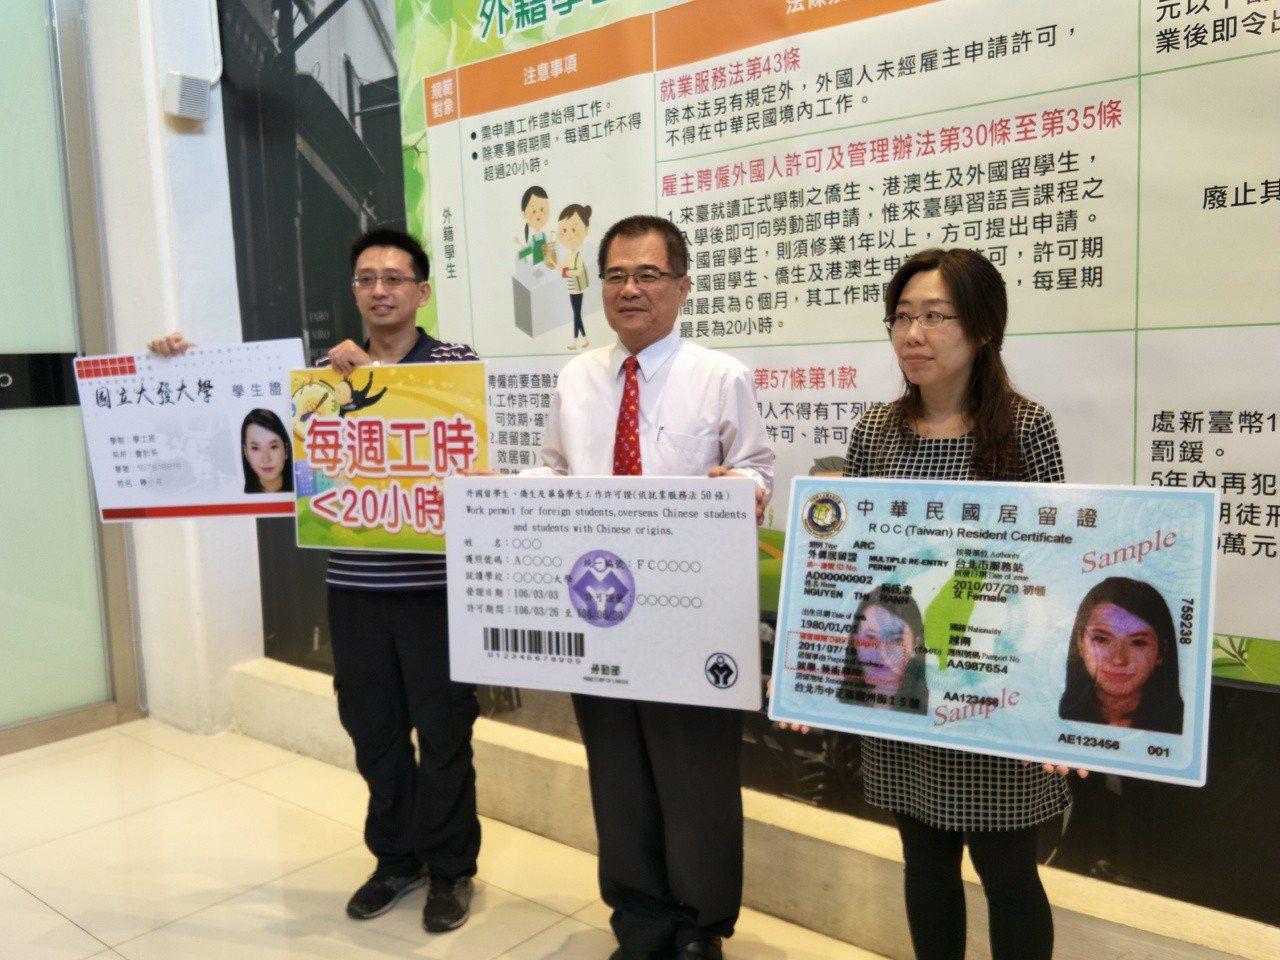 台南市政府勞工局提醒外籍生非寒暑假每周工時不得超過20小時。記者謝進盛/攝影